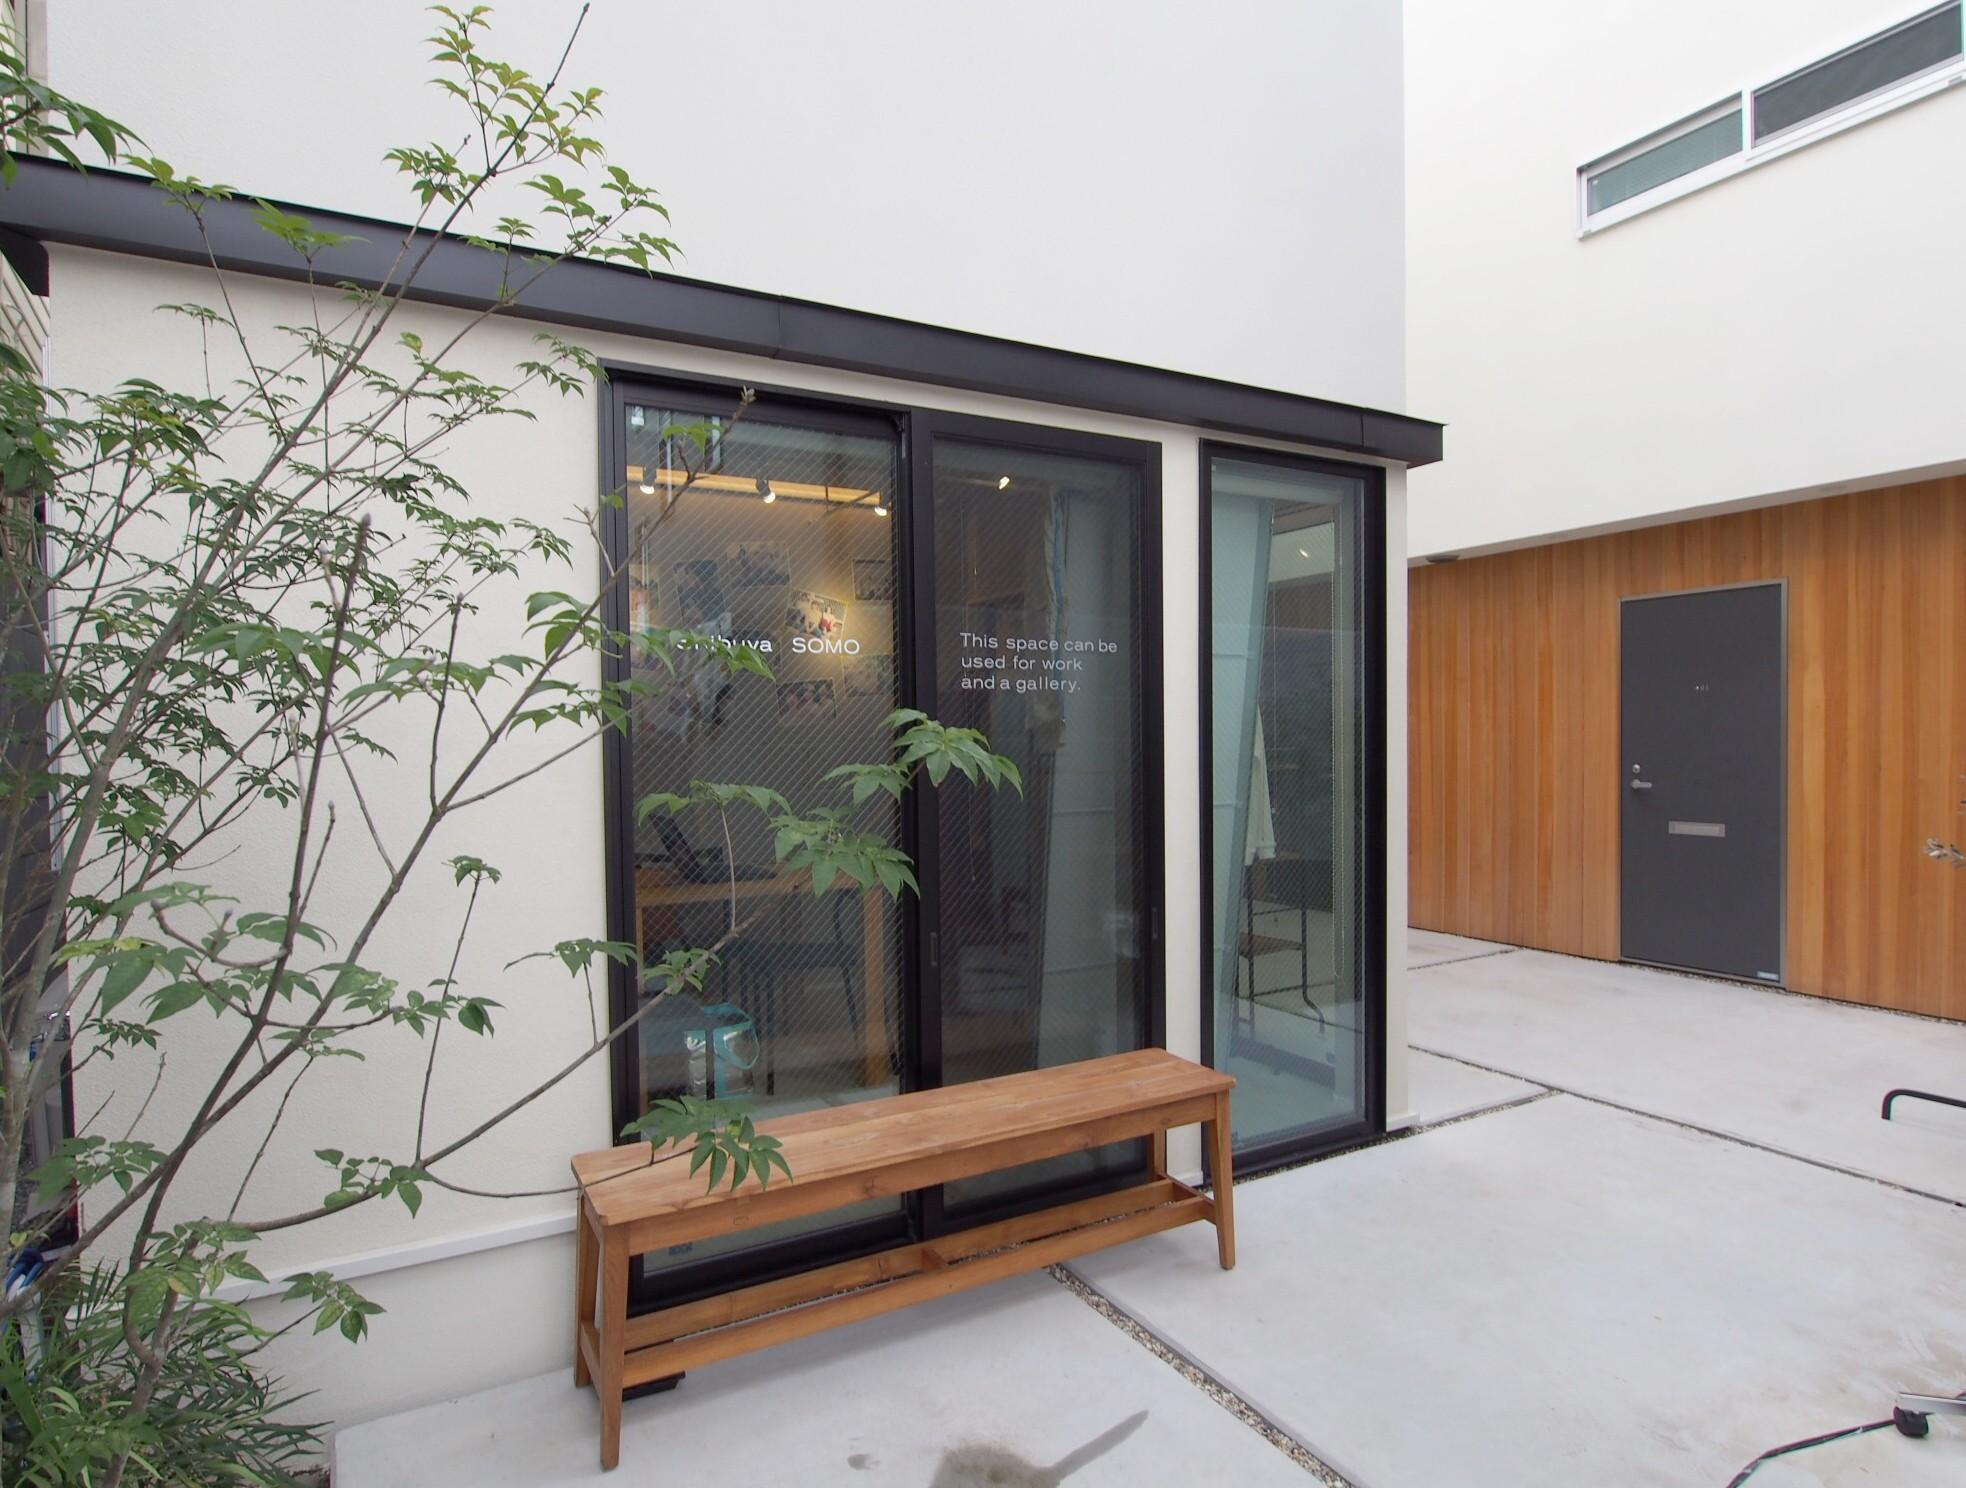 外観事例:中庭空間のある賃貸住宅(Shibuya-somo)